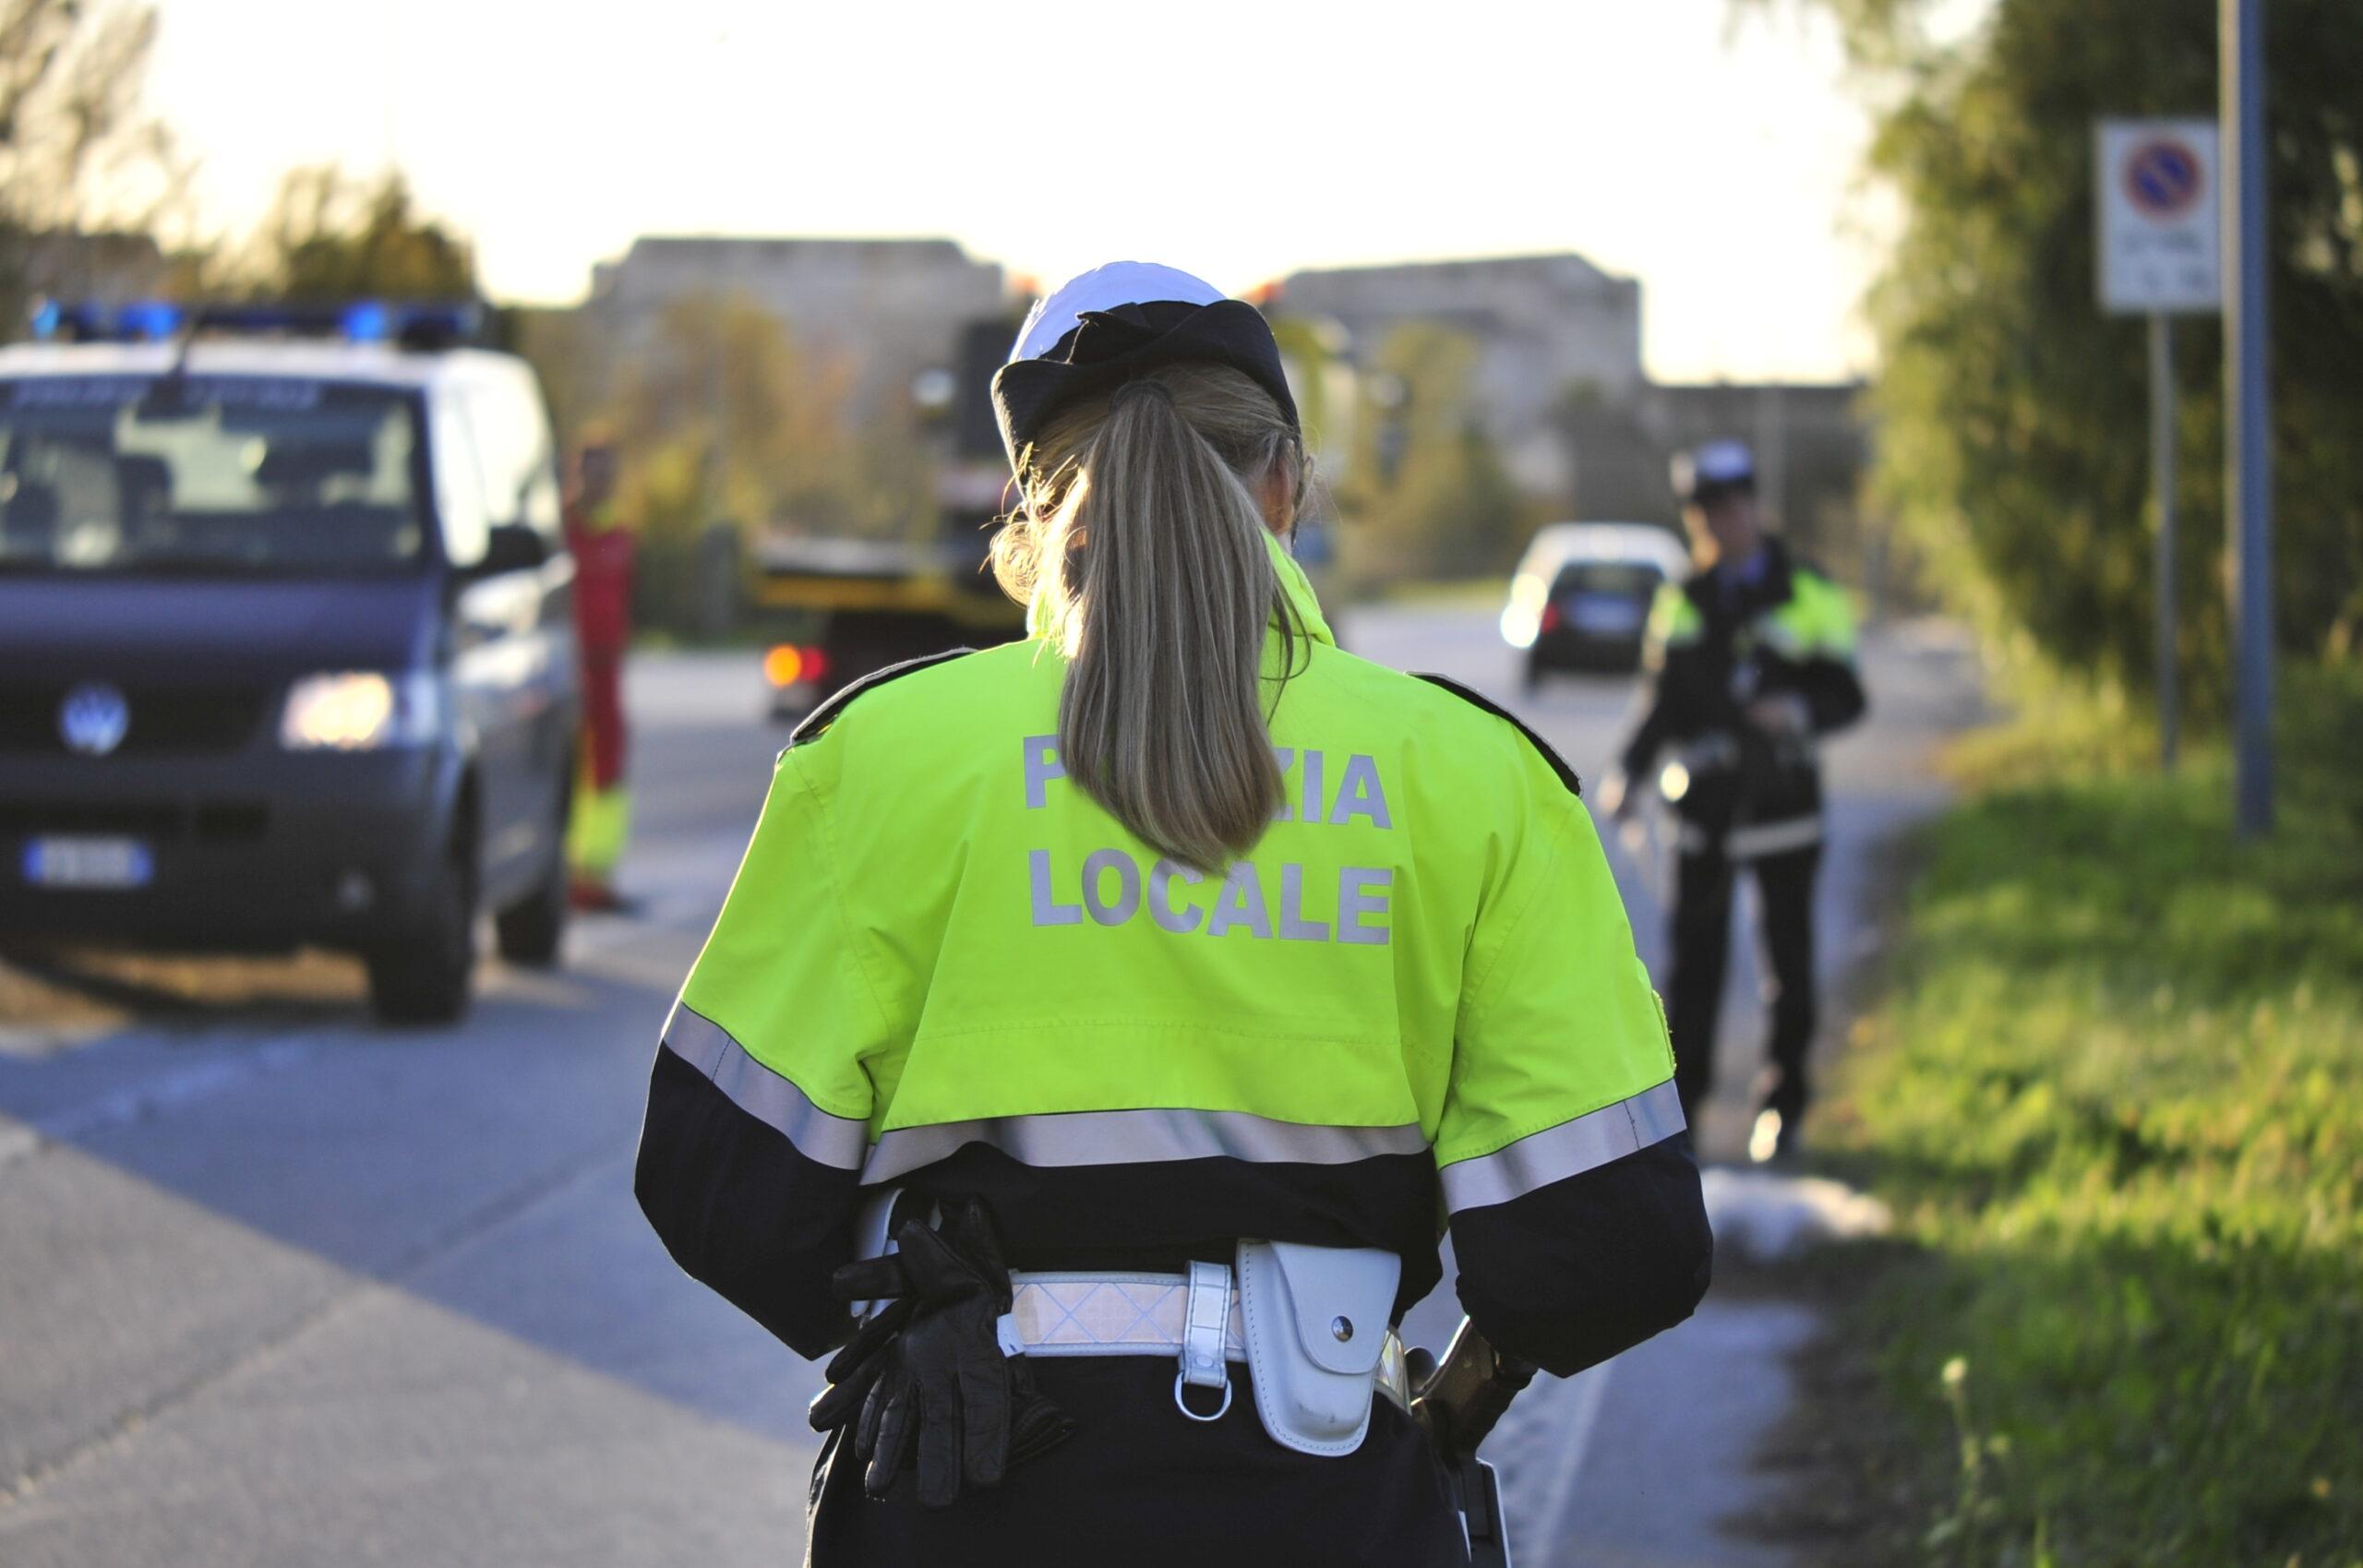 Multe stradali meno care nel 2021? Si attende il decreto ministeriale